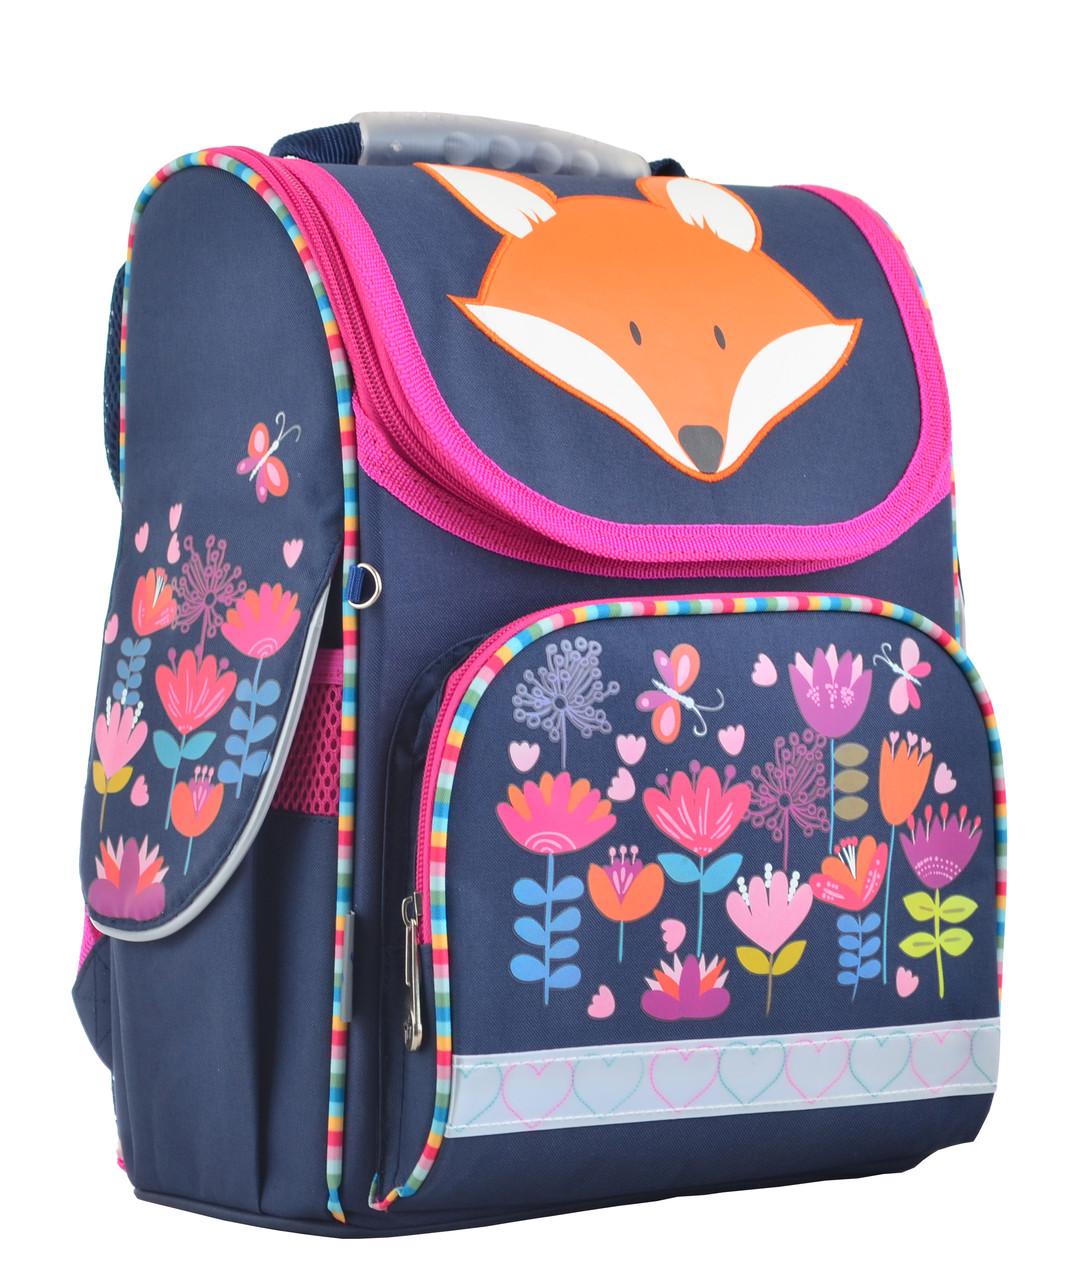 2be2b459d33c Рюкзак каркасный YES H-11 Fox 555202, YES, 776,03 грн.: цена в ...